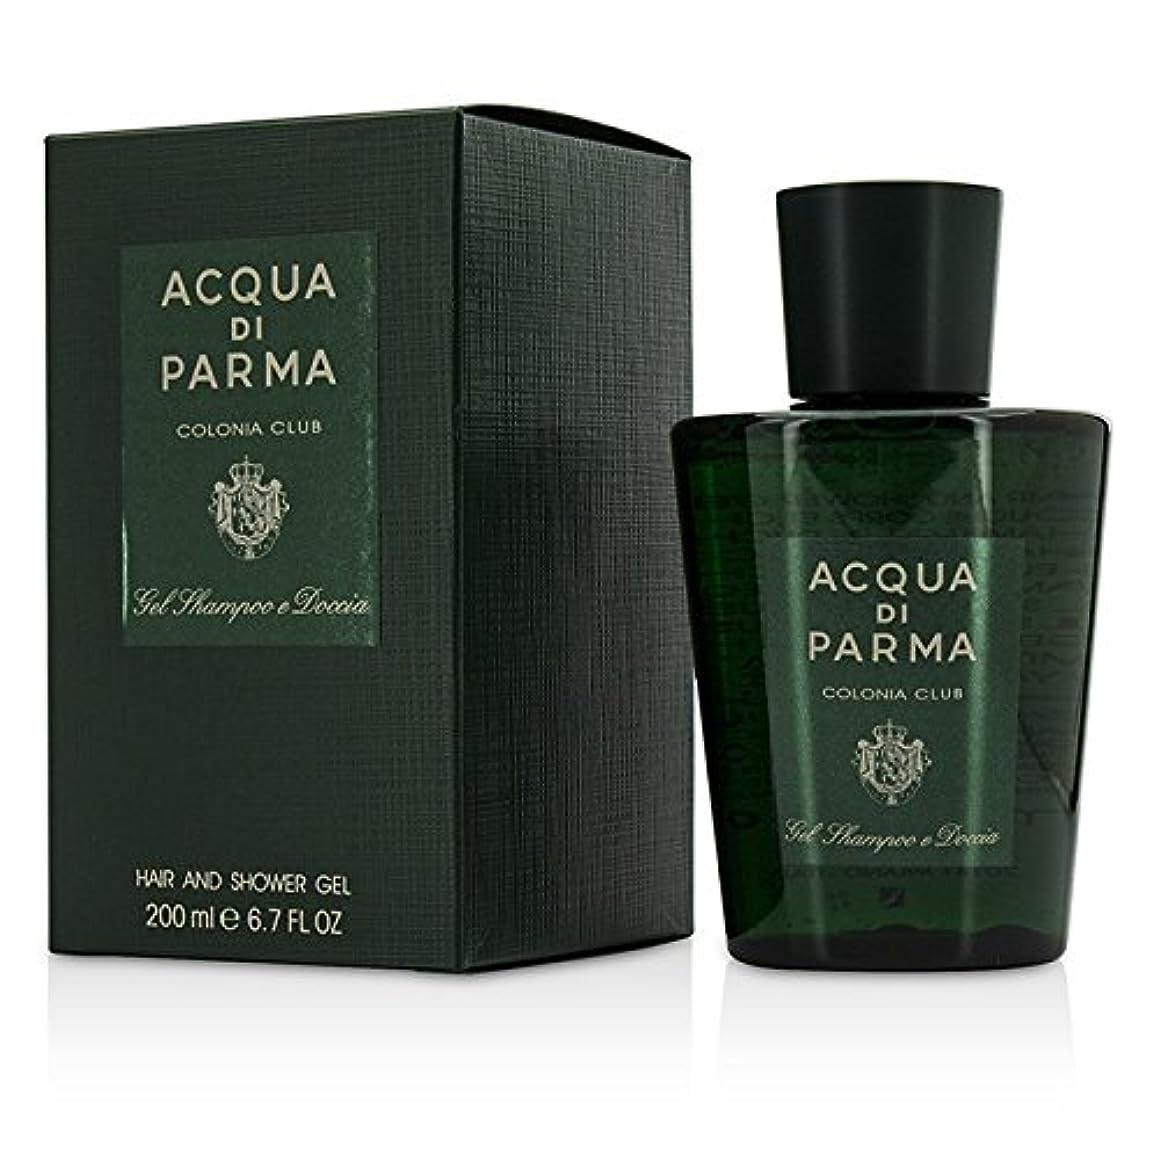 バルーンに話す頬骨アクアディパルマ Acqua di Parma Colonia Club Hair & Shower Gel 200ml/6.7oz並行輸入品